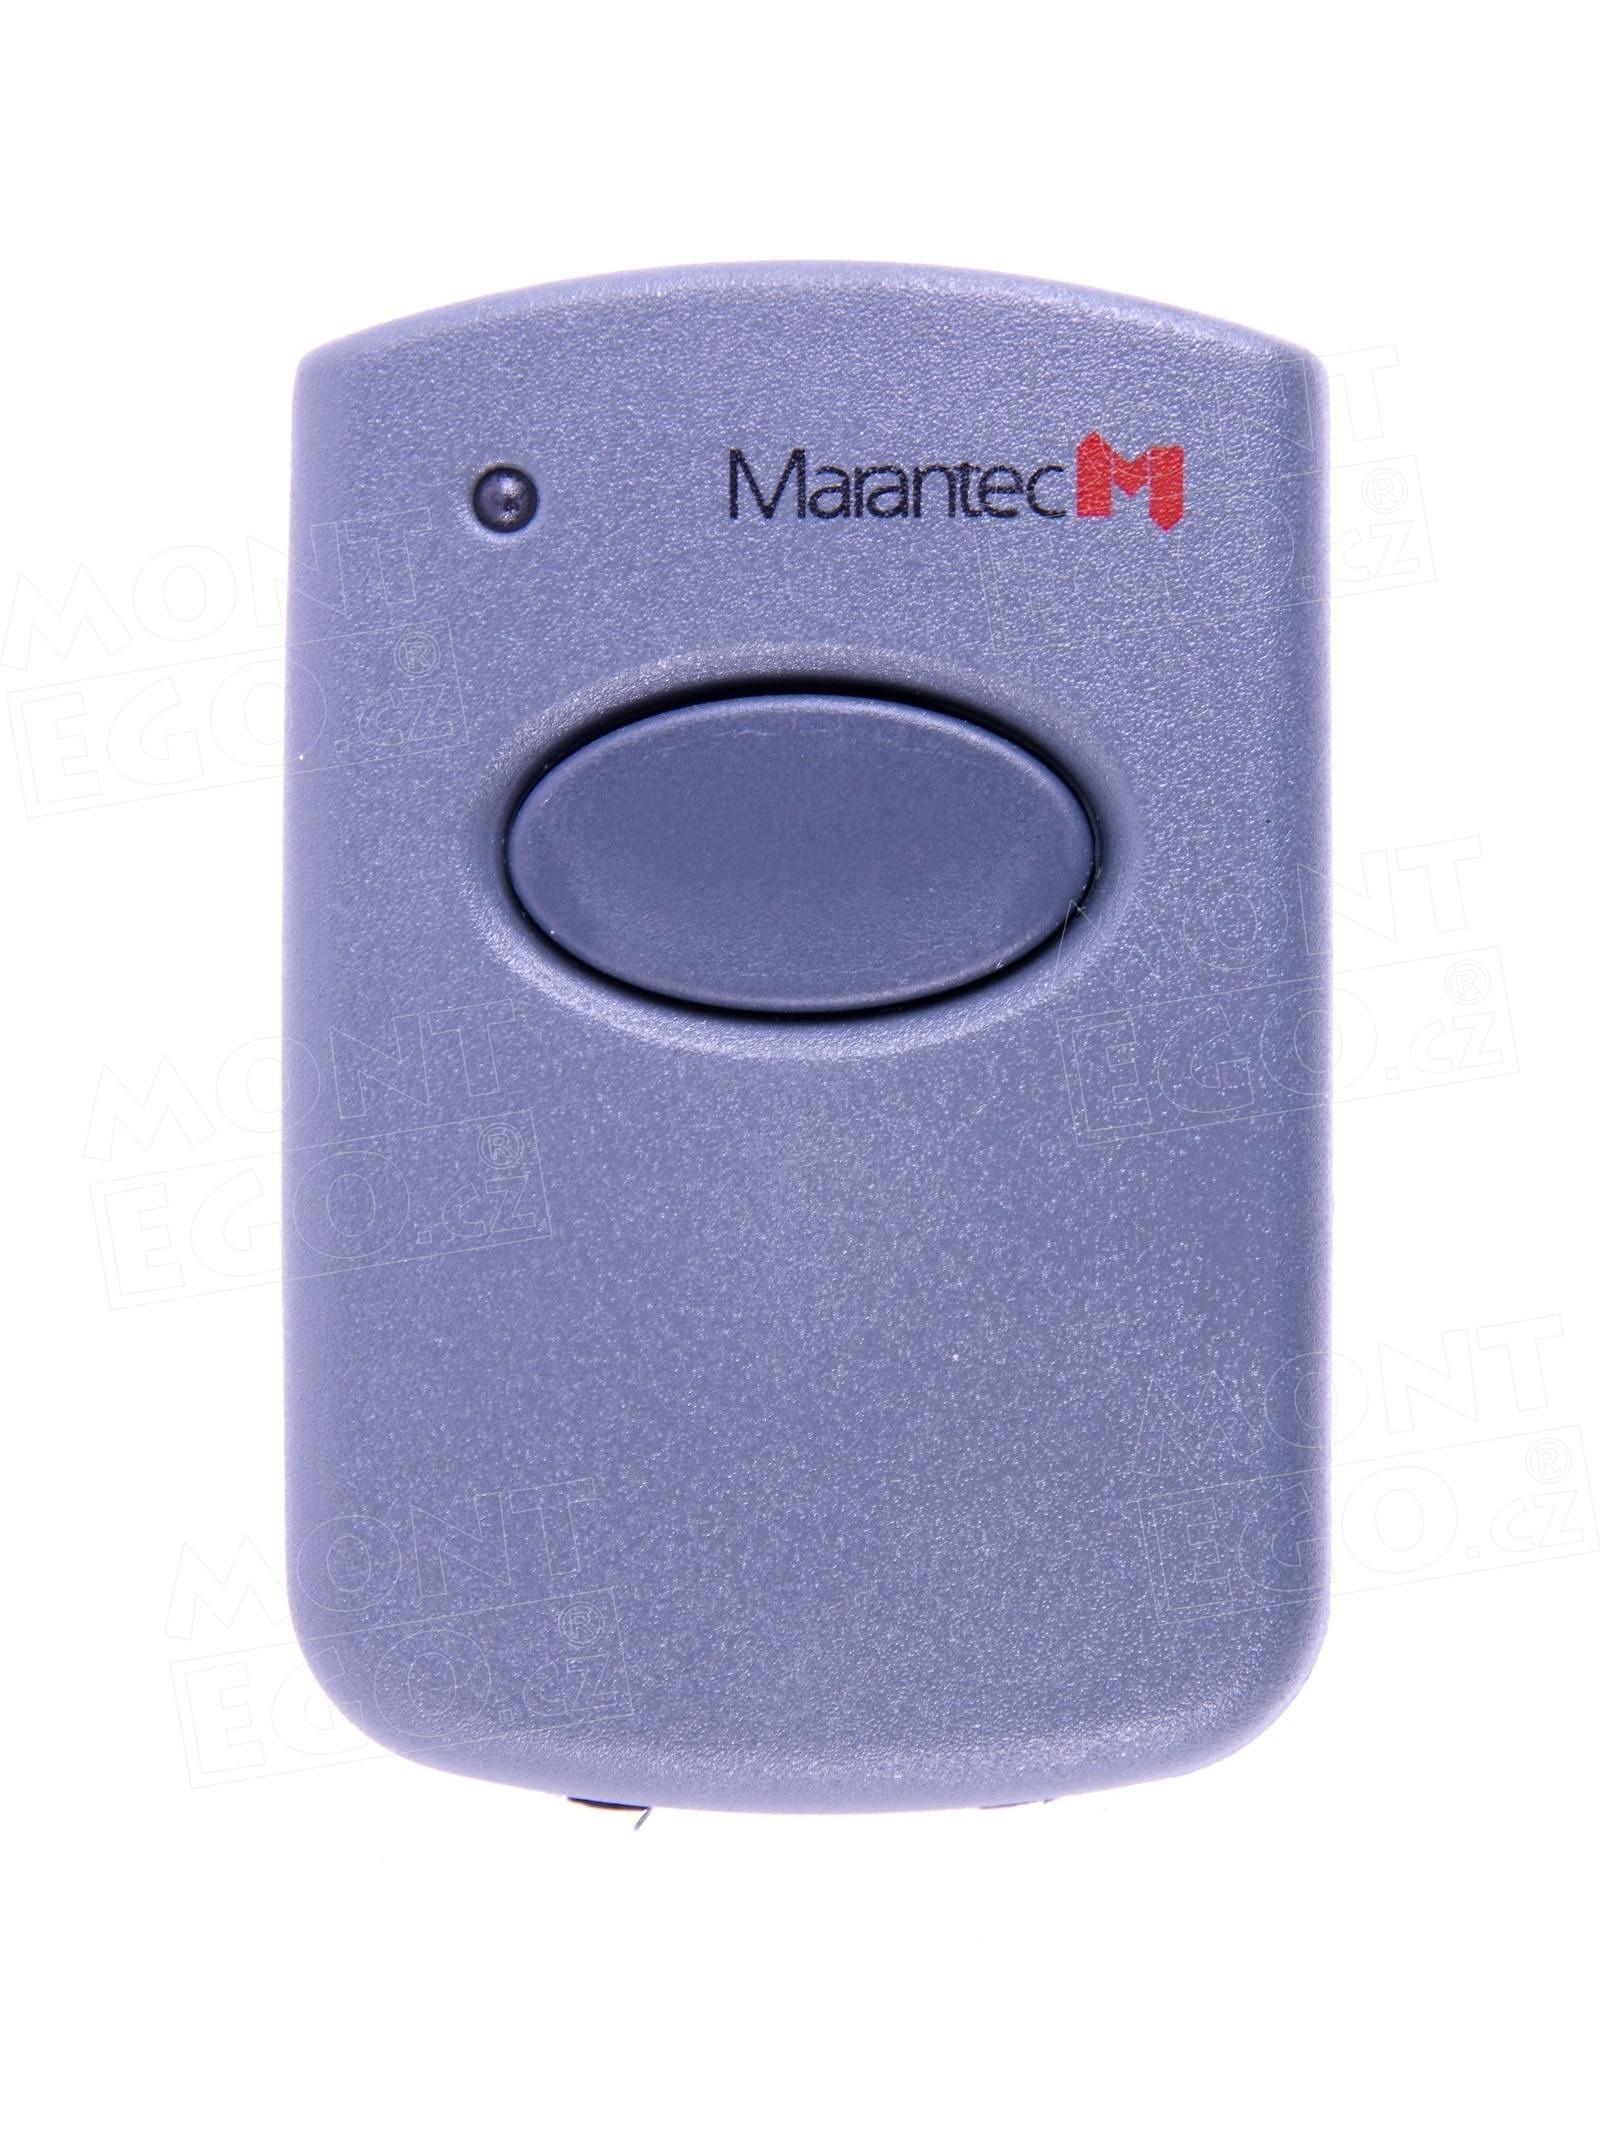 Mini ovládač pohonů bran a vrat Marantec Digital 321, 1 kanálový dálkový ovladač, 868,3 MHz